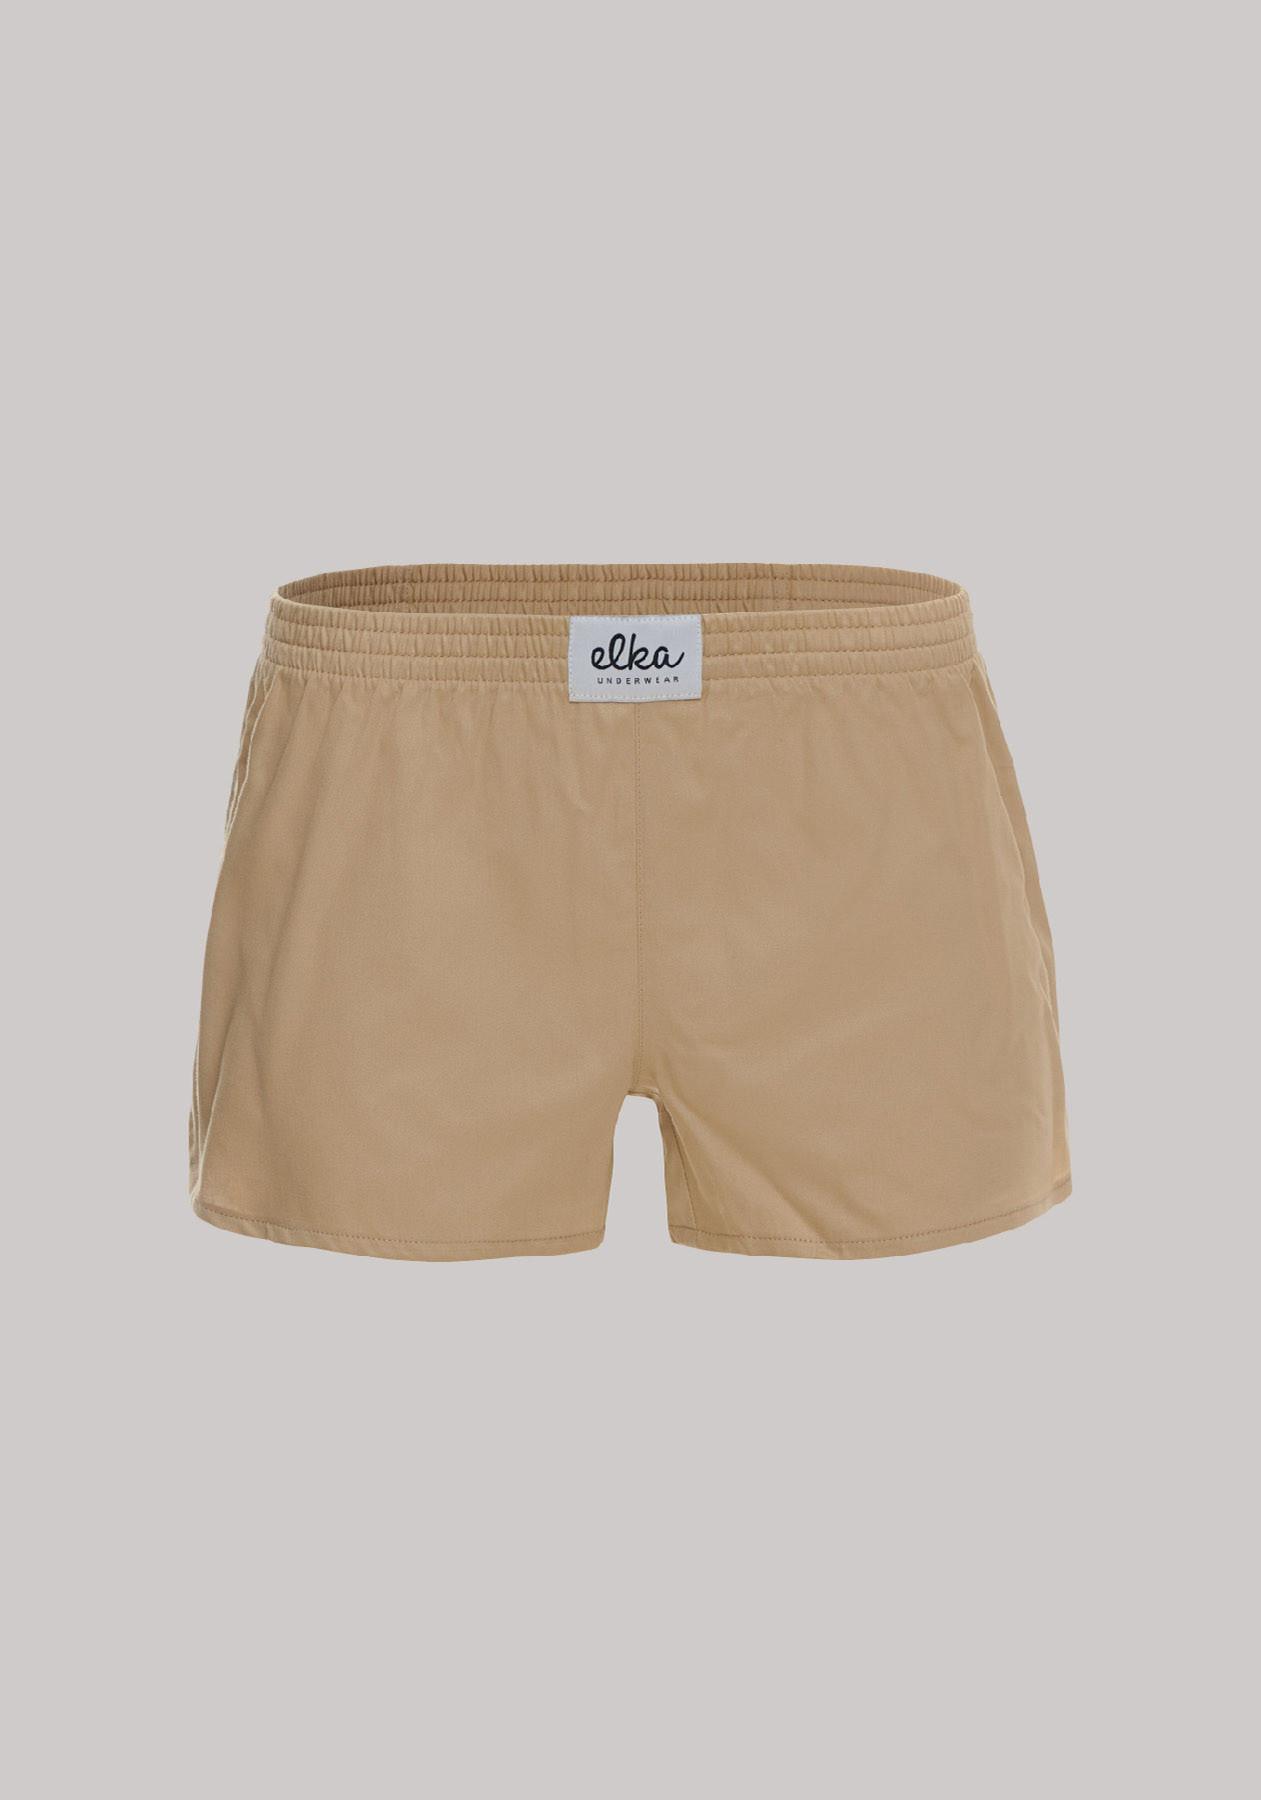 Kids-boxershorts-ELKA-Lounge-K00579-02